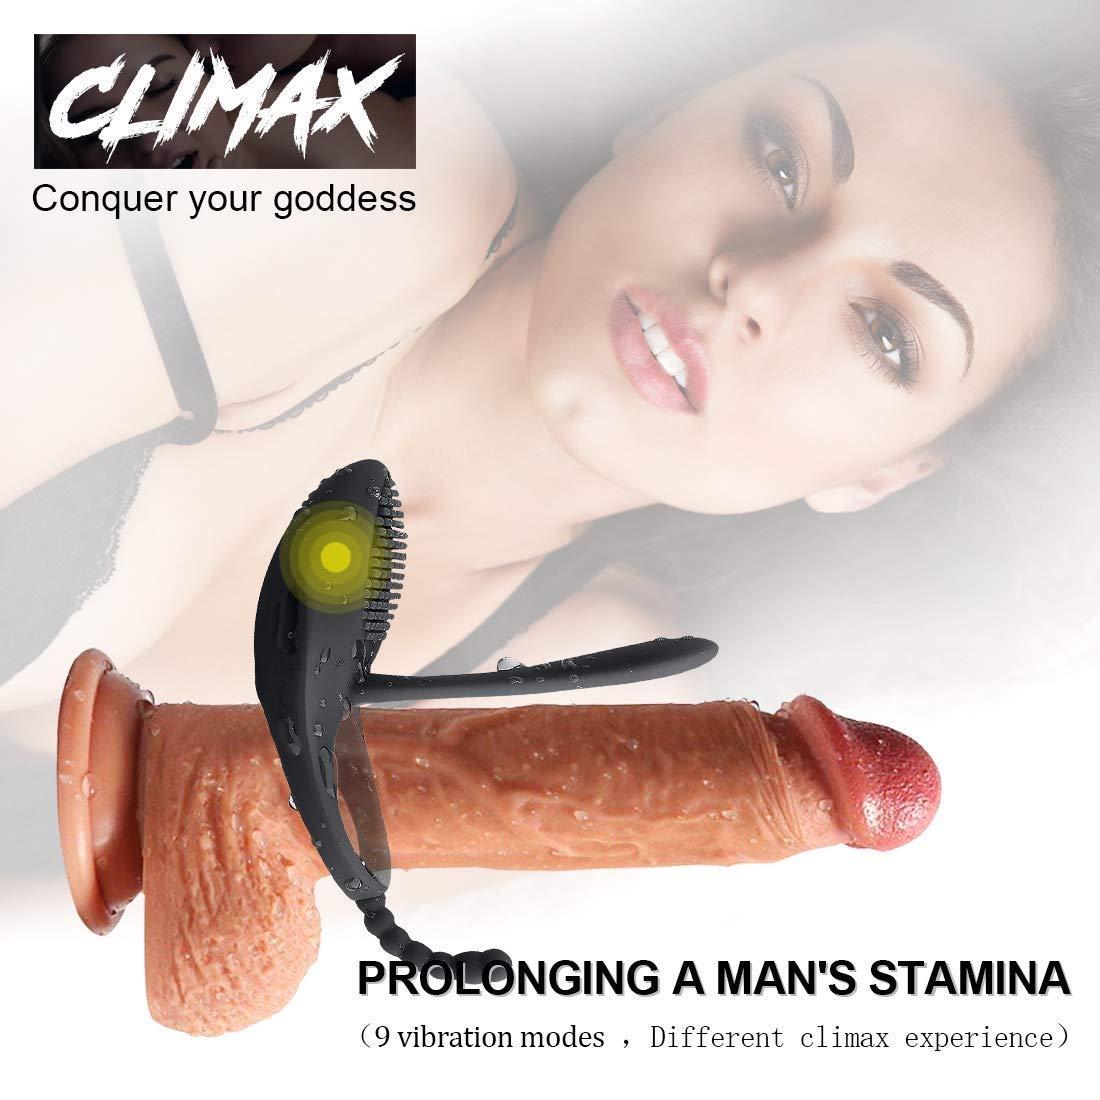 Reliable Quality Body Massager Personal Massager 1Pcs Soft Ānal Plug 4 Type Pröstátê Massager G-Spôt Black Vīb-rator Men Màsturbàtor Pênīs Ring Ānal Bütt-Plüg for Men